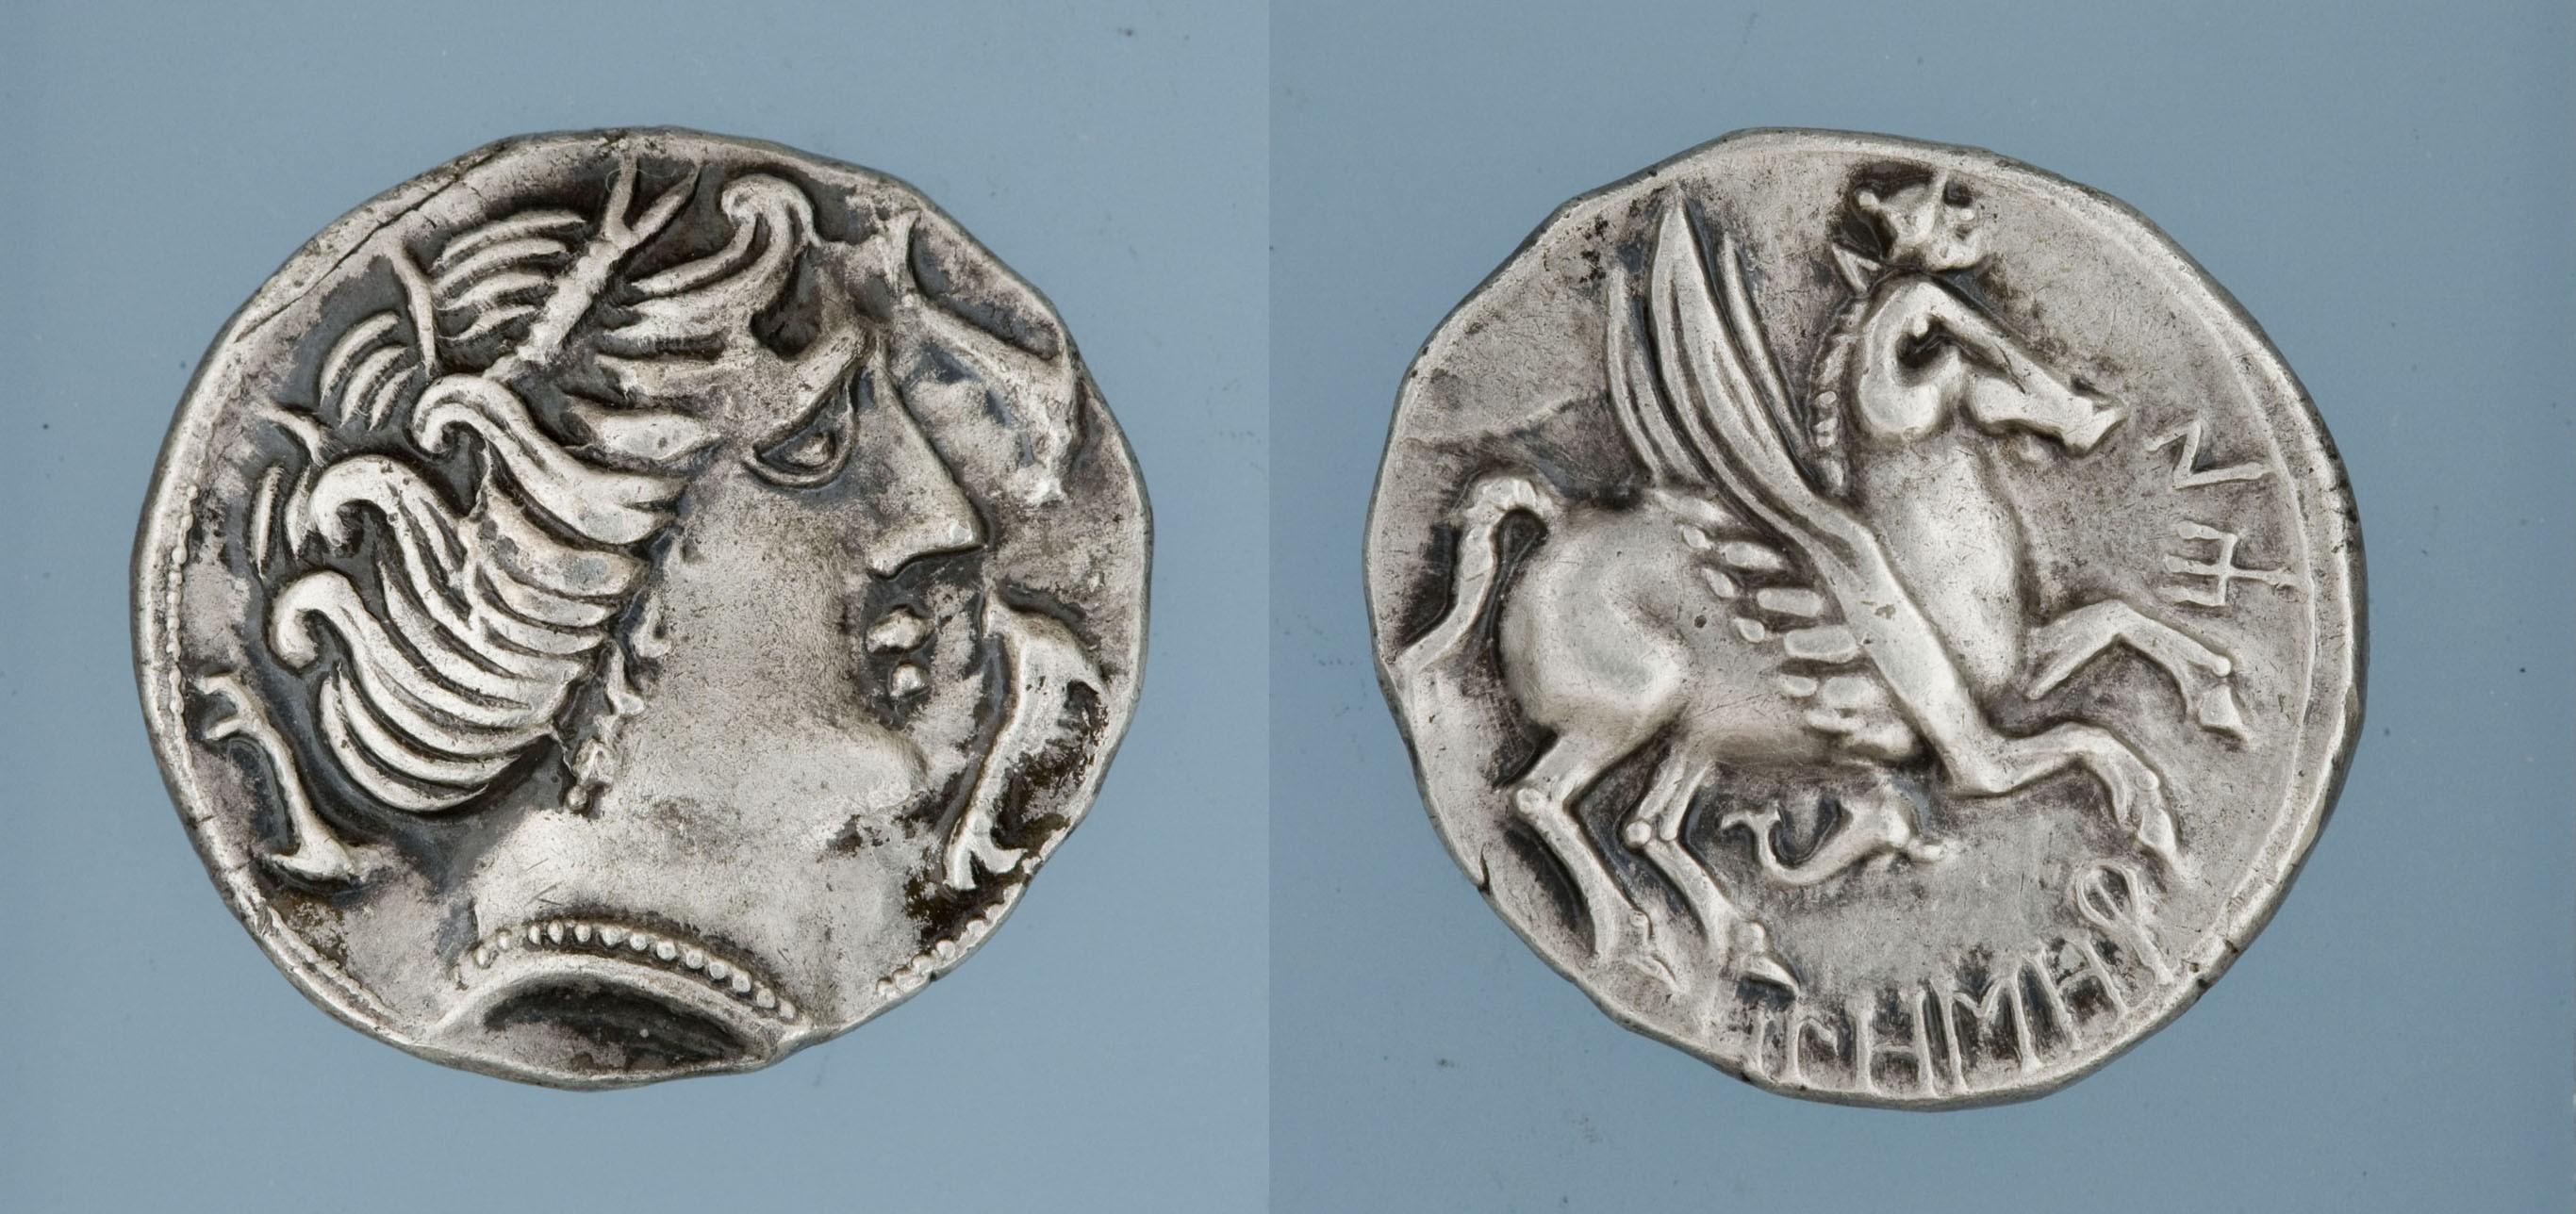 Olosortin, imitació d'Emporion - Dracma ibèrica d'imitació - 218-212 aC